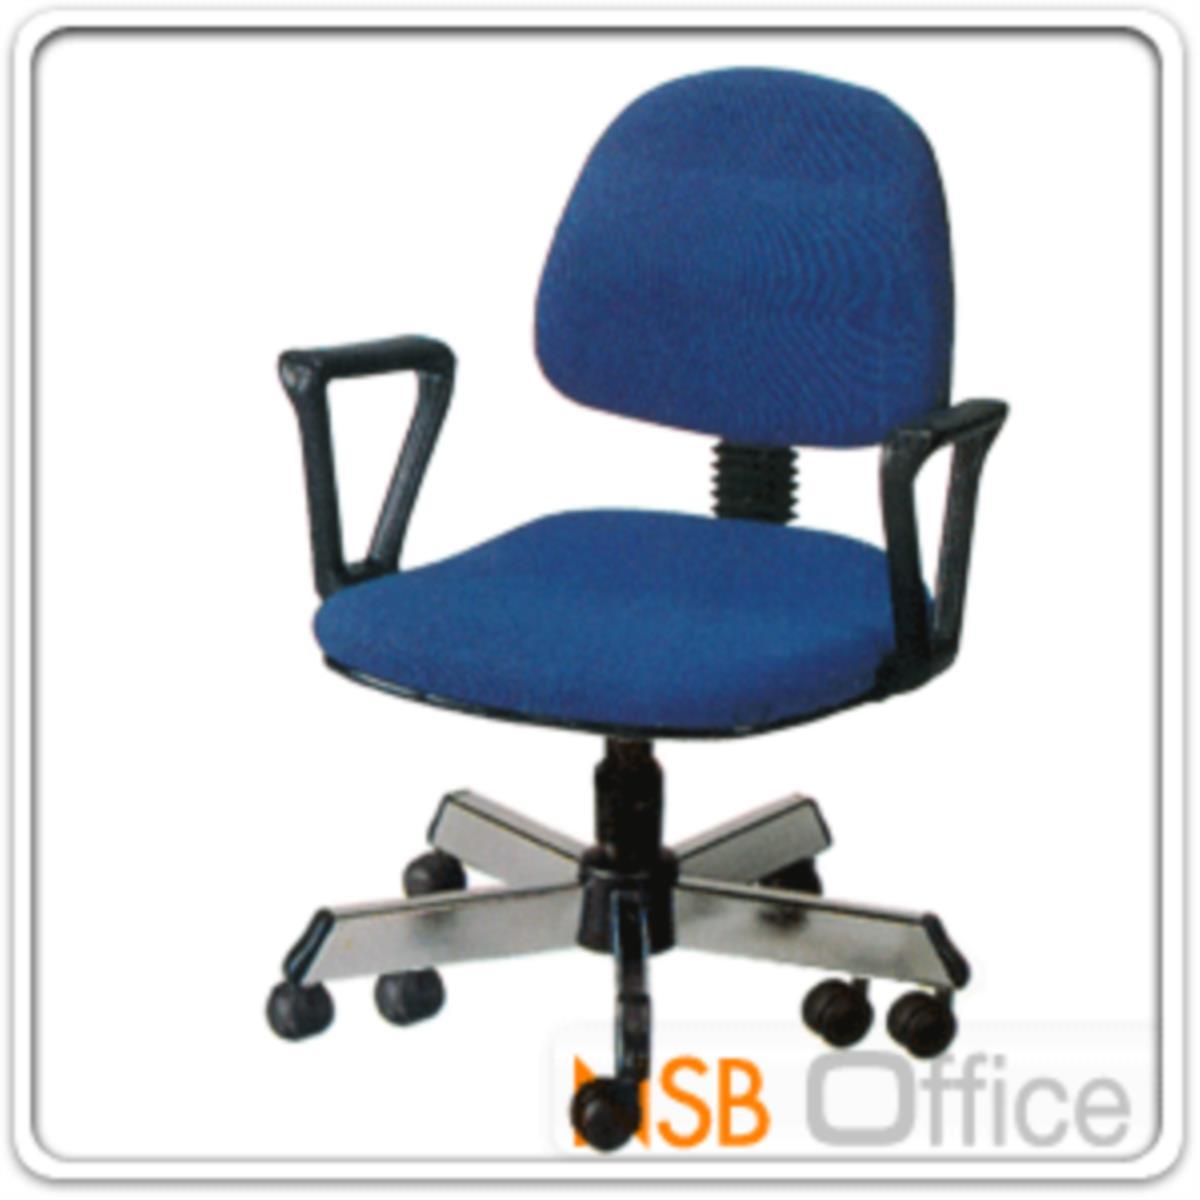 เก้าอี้สำนักงาน รุ่น Lanter  ขาเหล็ก 10 ล้อ